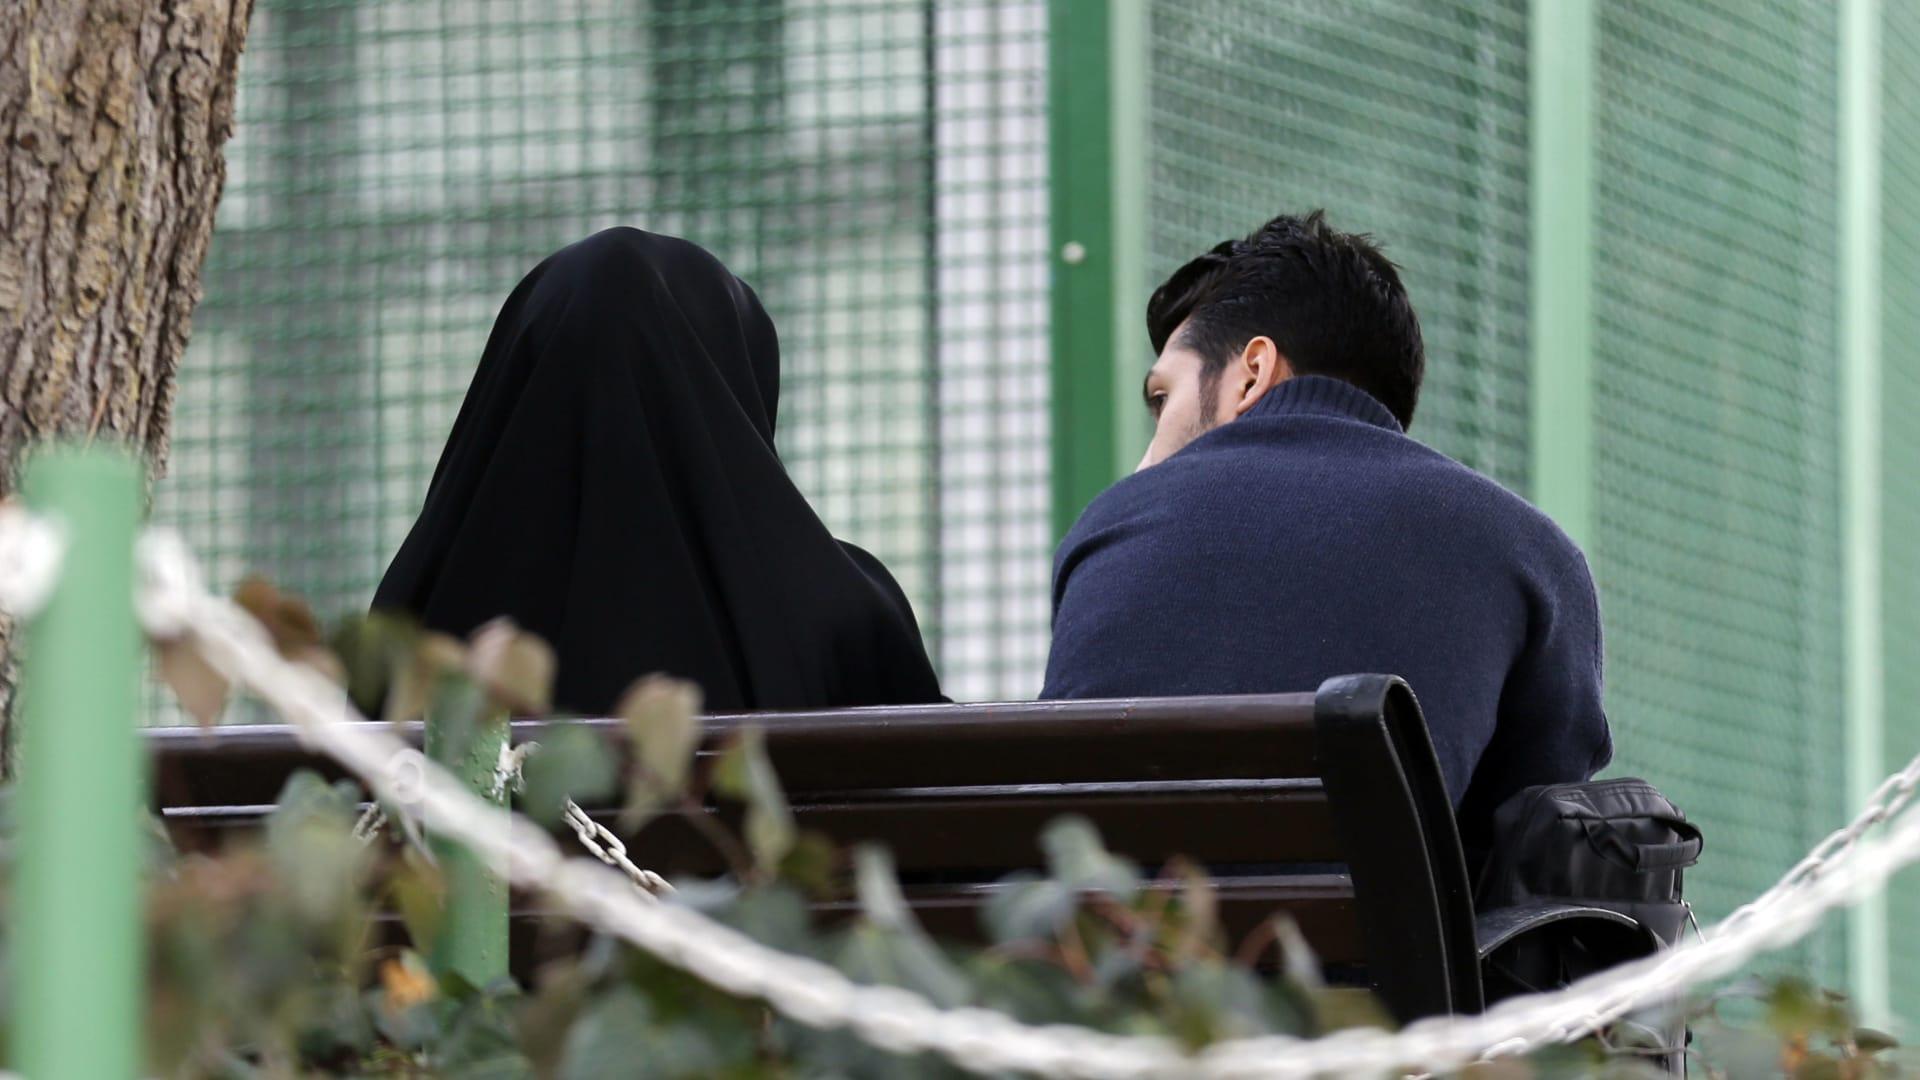 كيف تتصرف إن اكتشف خيانة زوجتك؟ مستشار سعودي بالطب النفسي يجيب